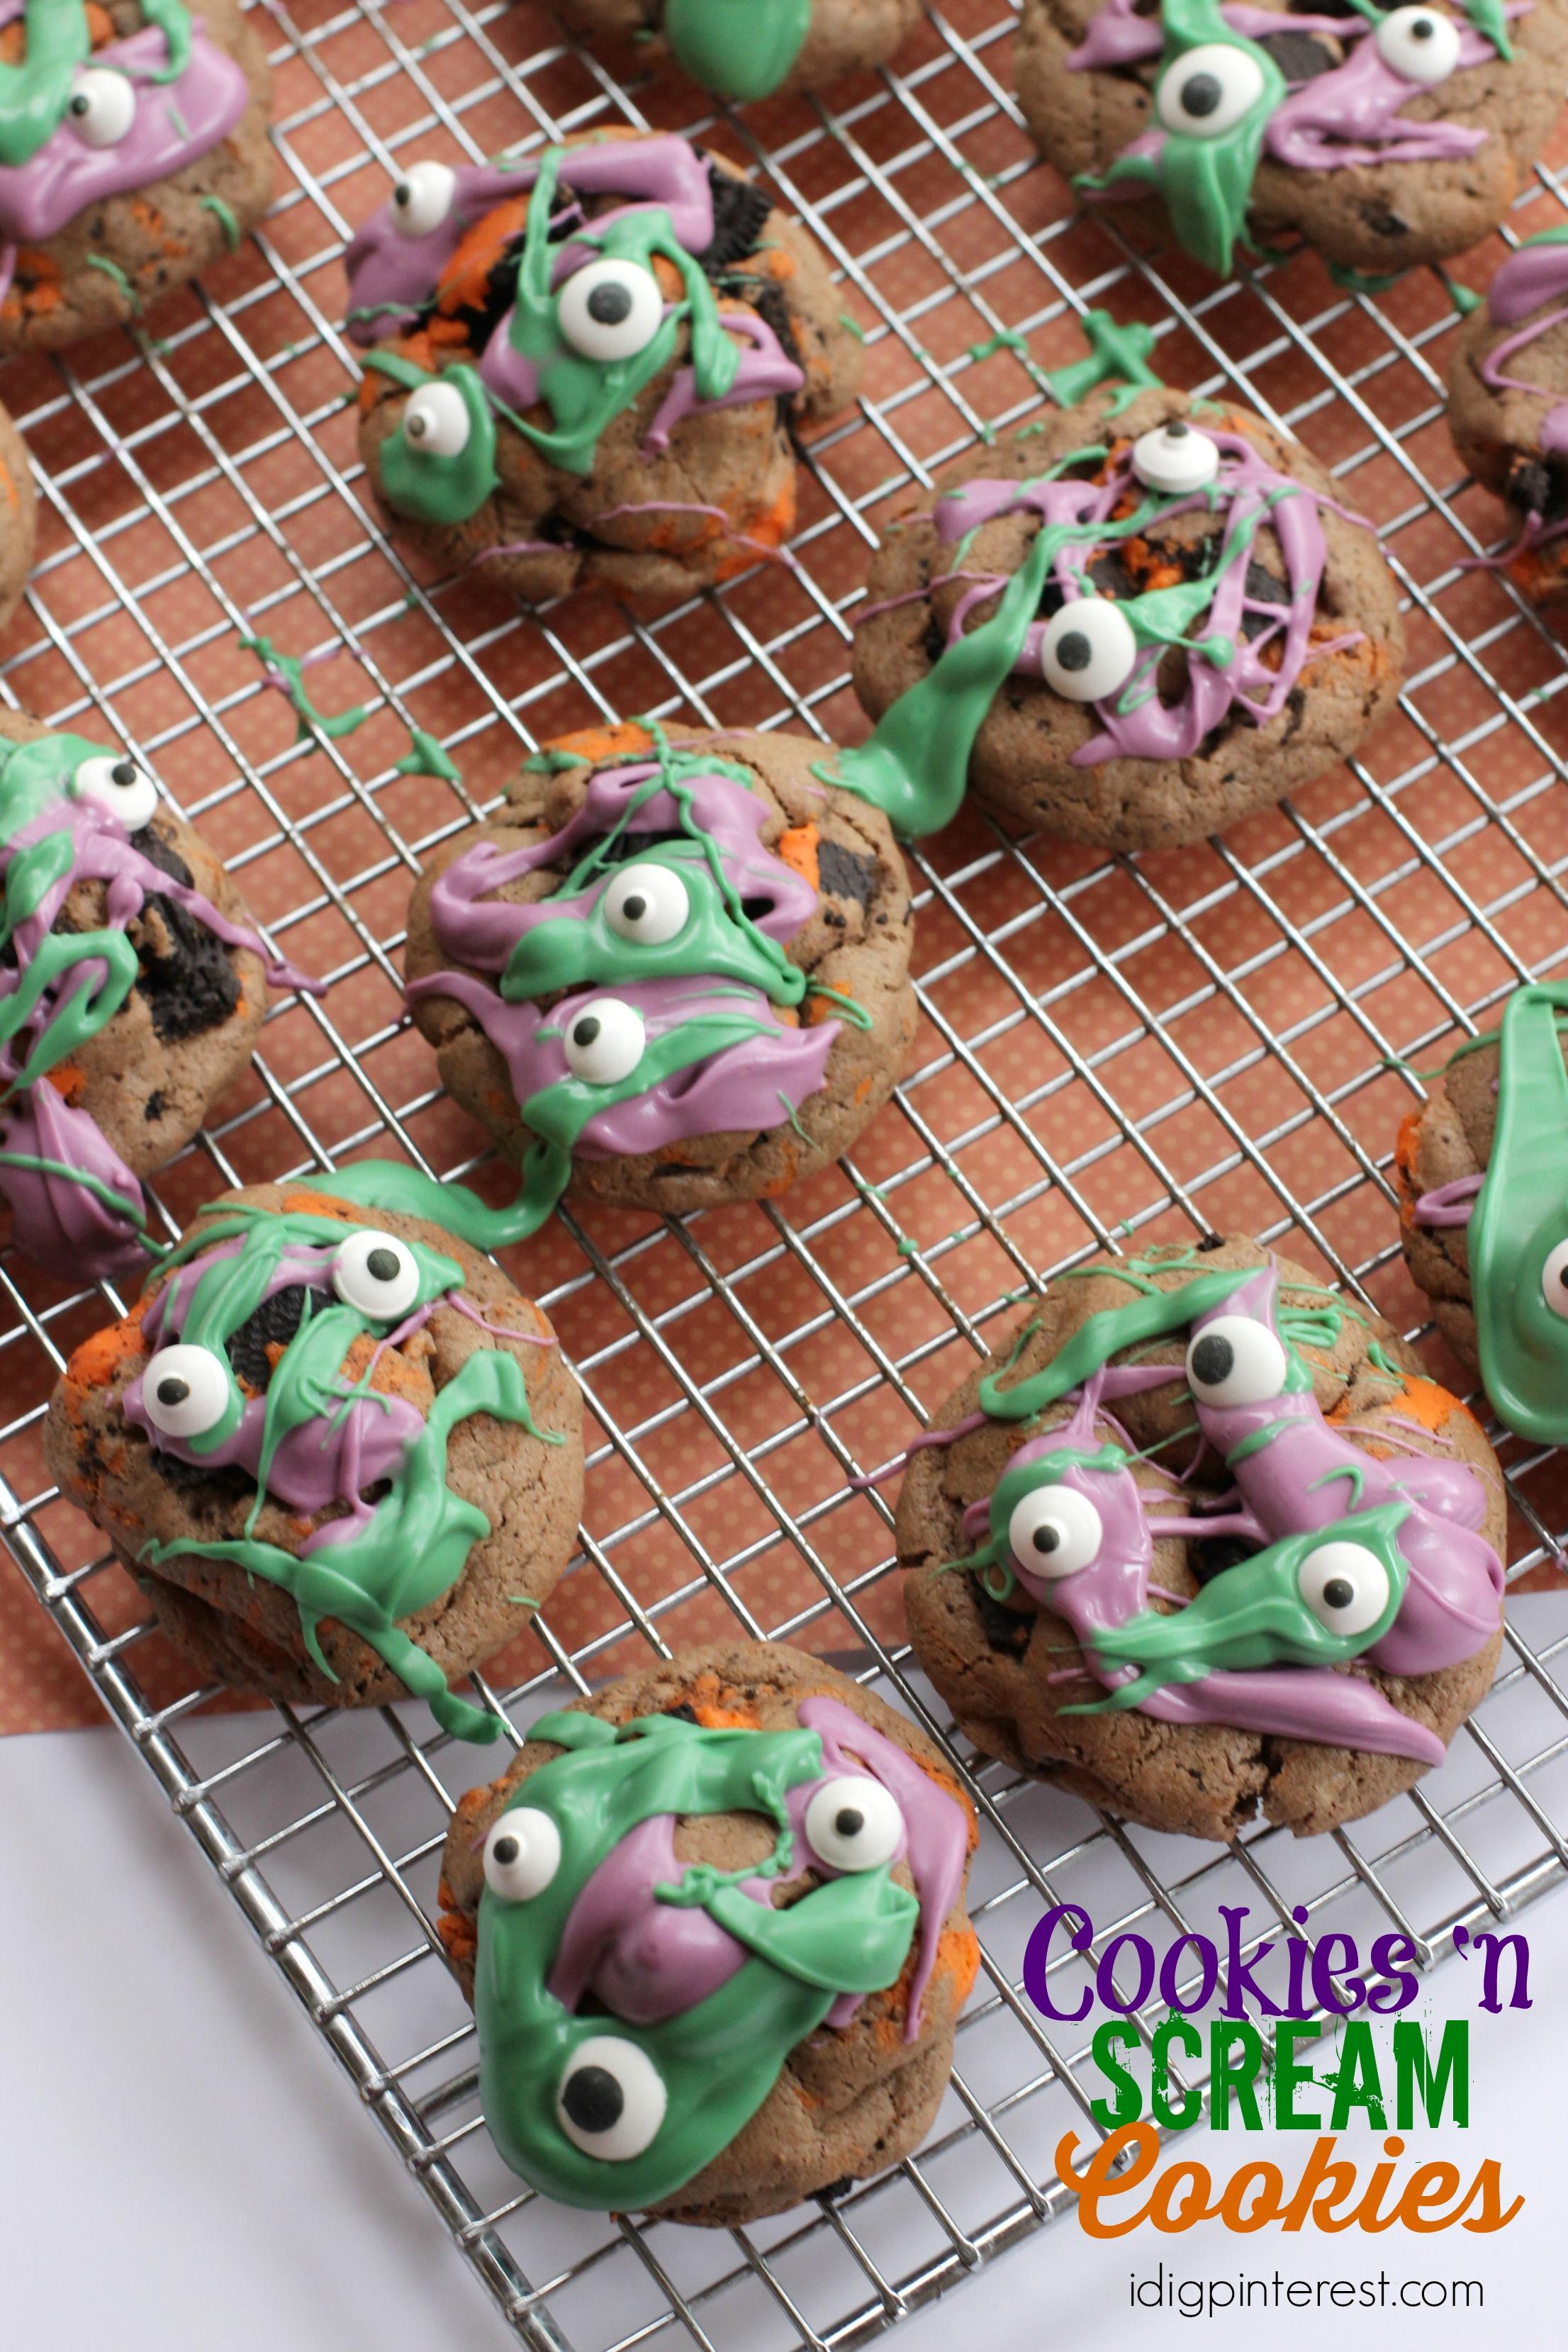 cookies 'n scream cookies4